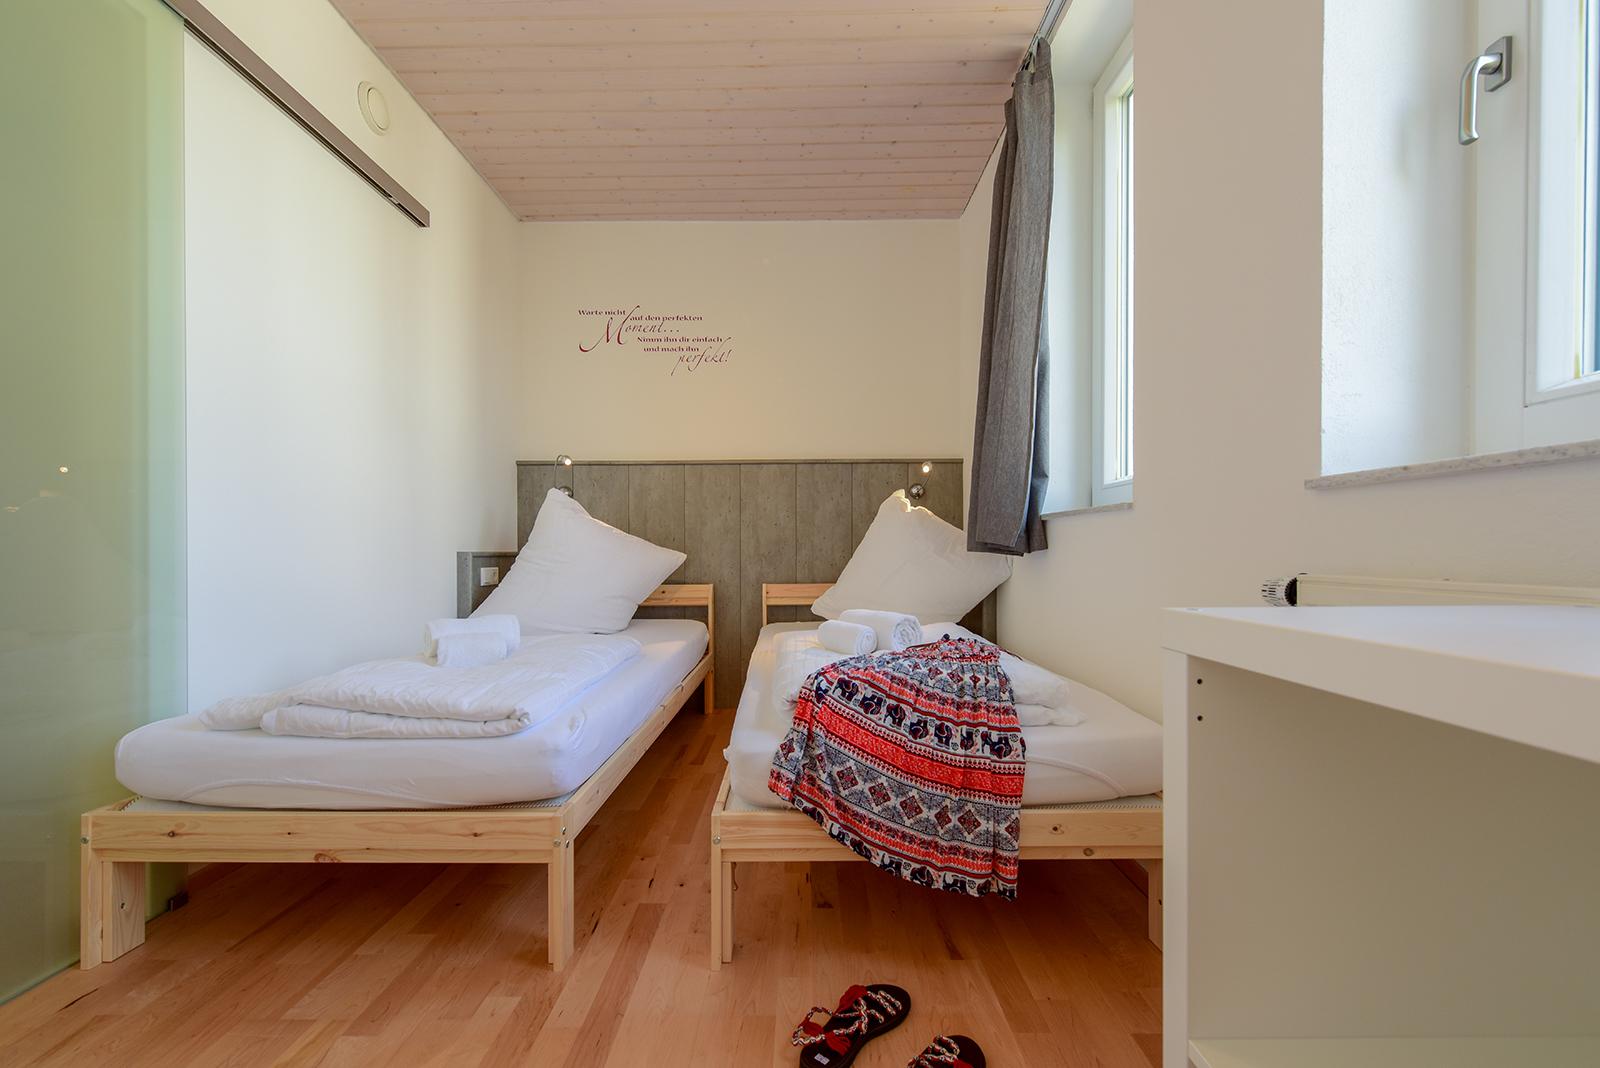 Ferienwohnung am Bodensee: Seeblüte - Schlafzimmer